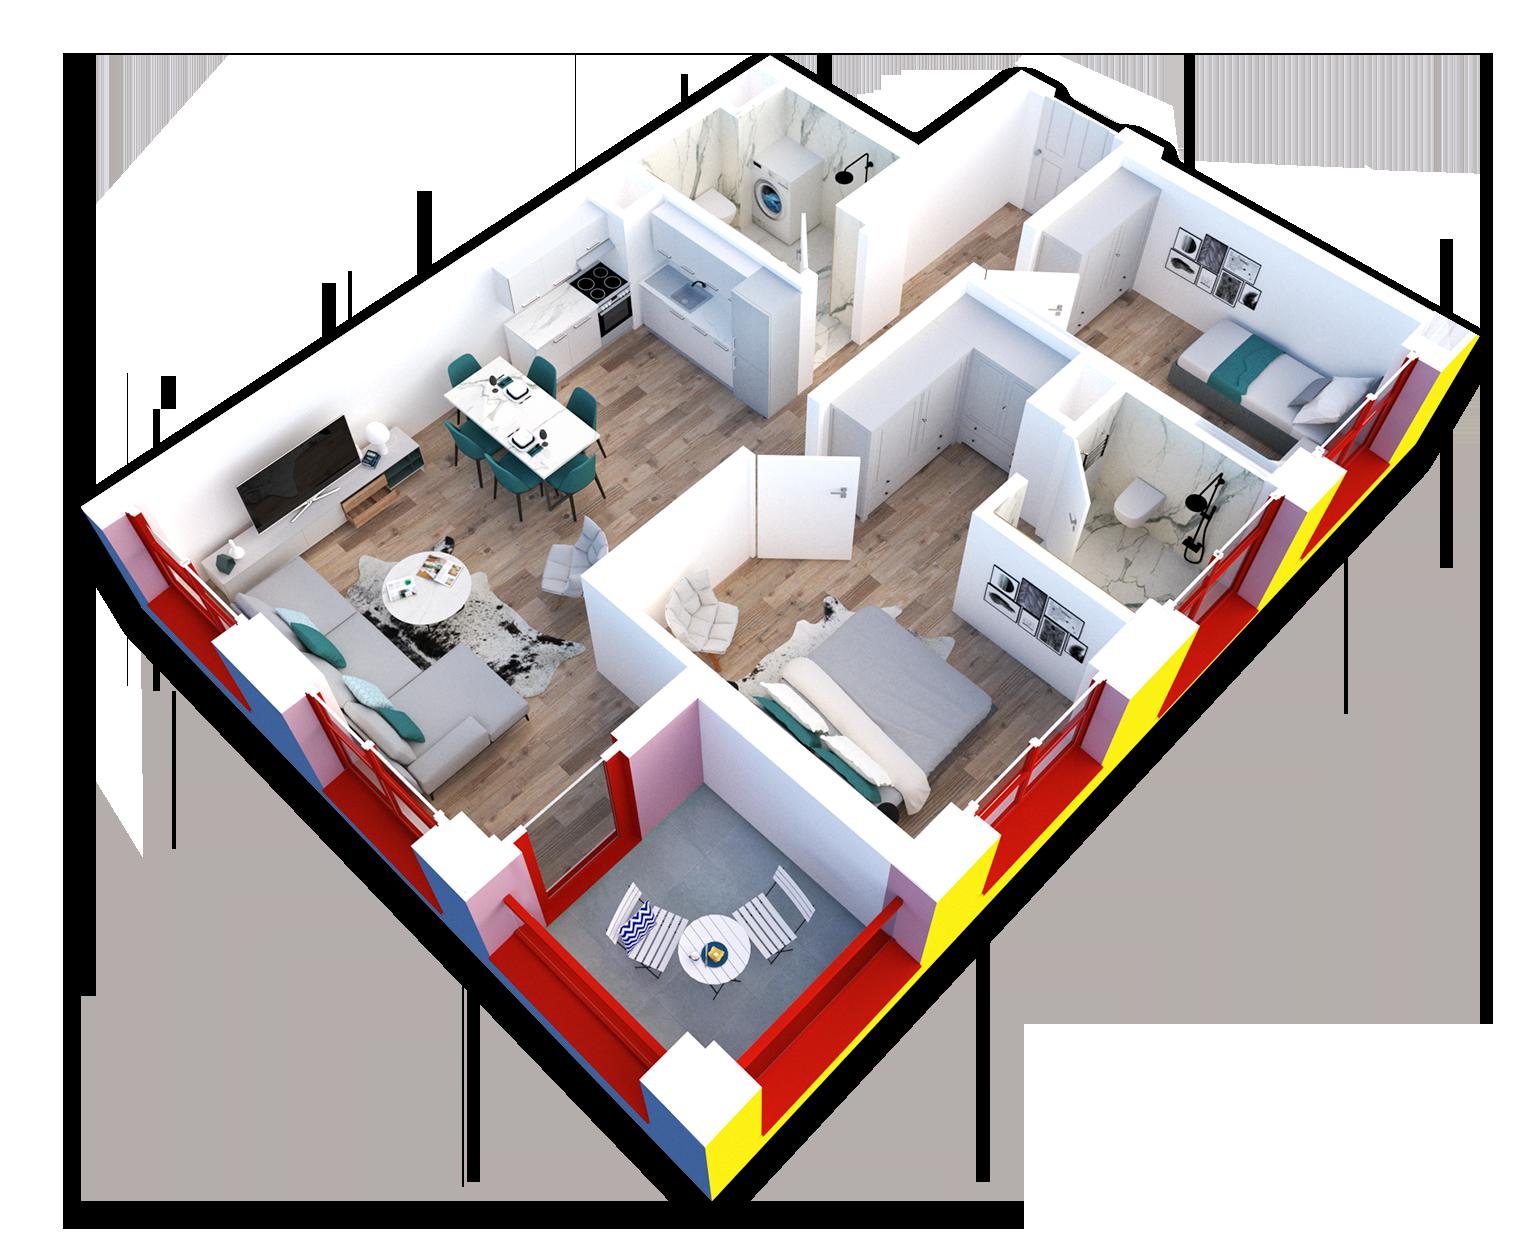 Apartament 2+1 në shitje në Tiranë - Mangalem 21 Shkalla 20 Kati 7